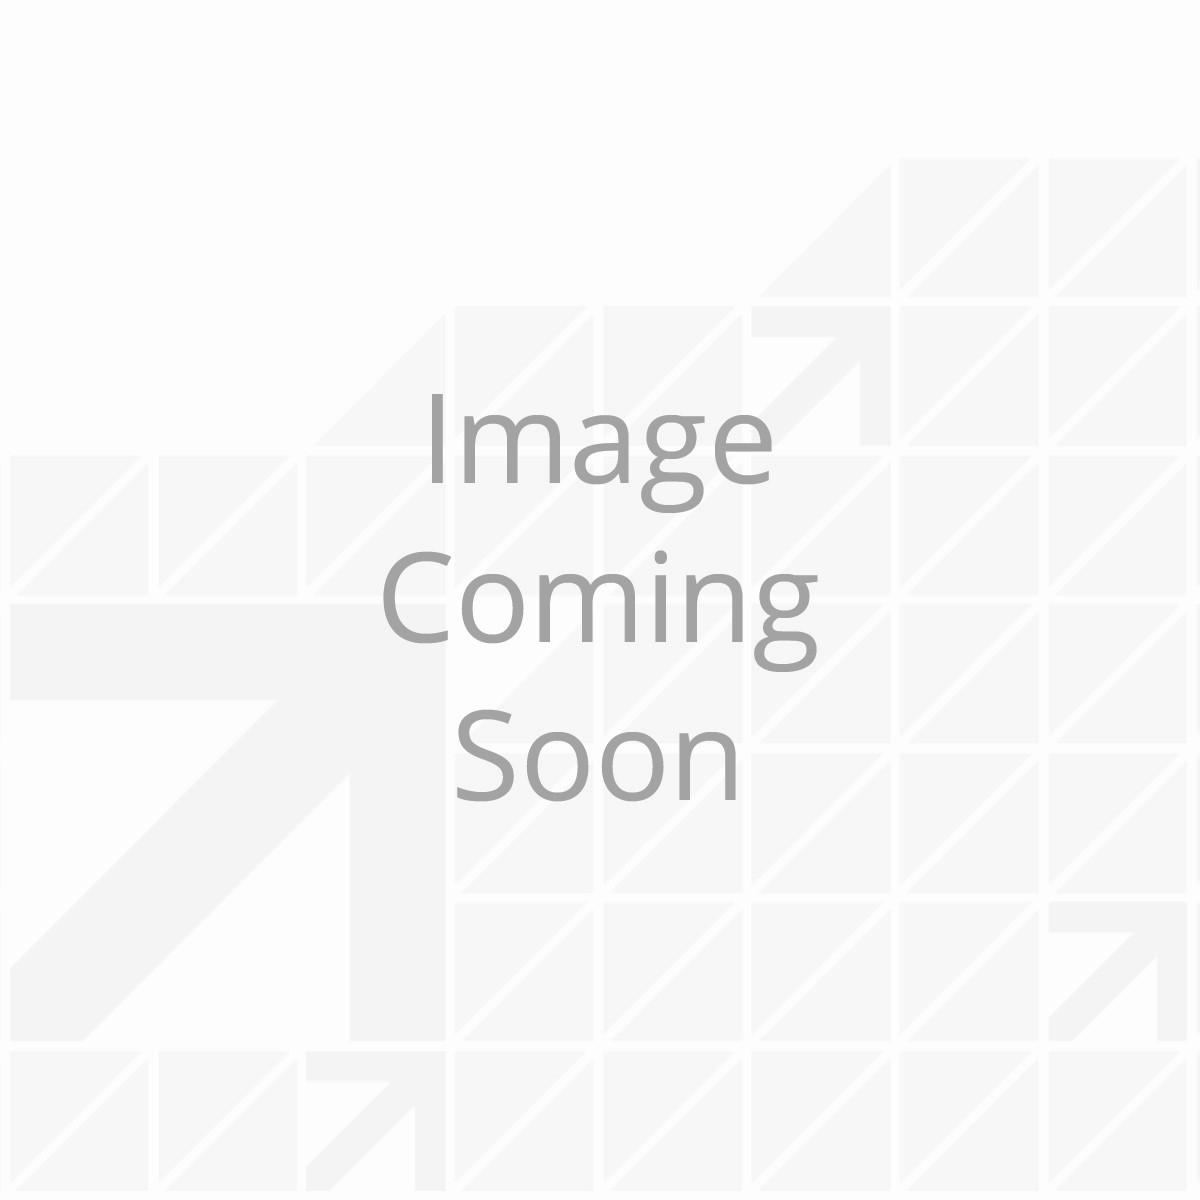 HDMI Cable - 10' (Black)